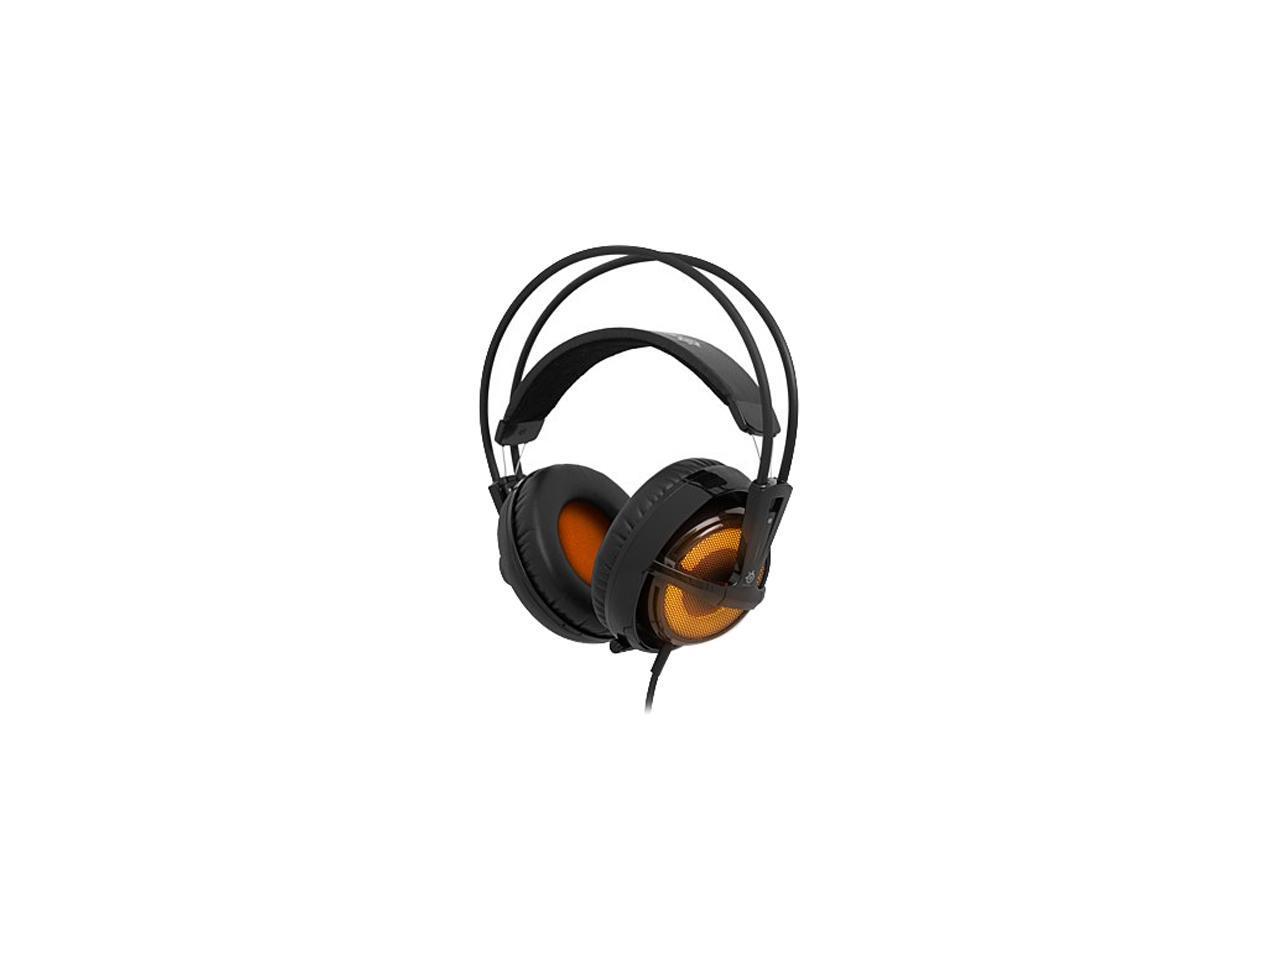 SteelSeries Siberia v2 Heat Orange Headset Windows